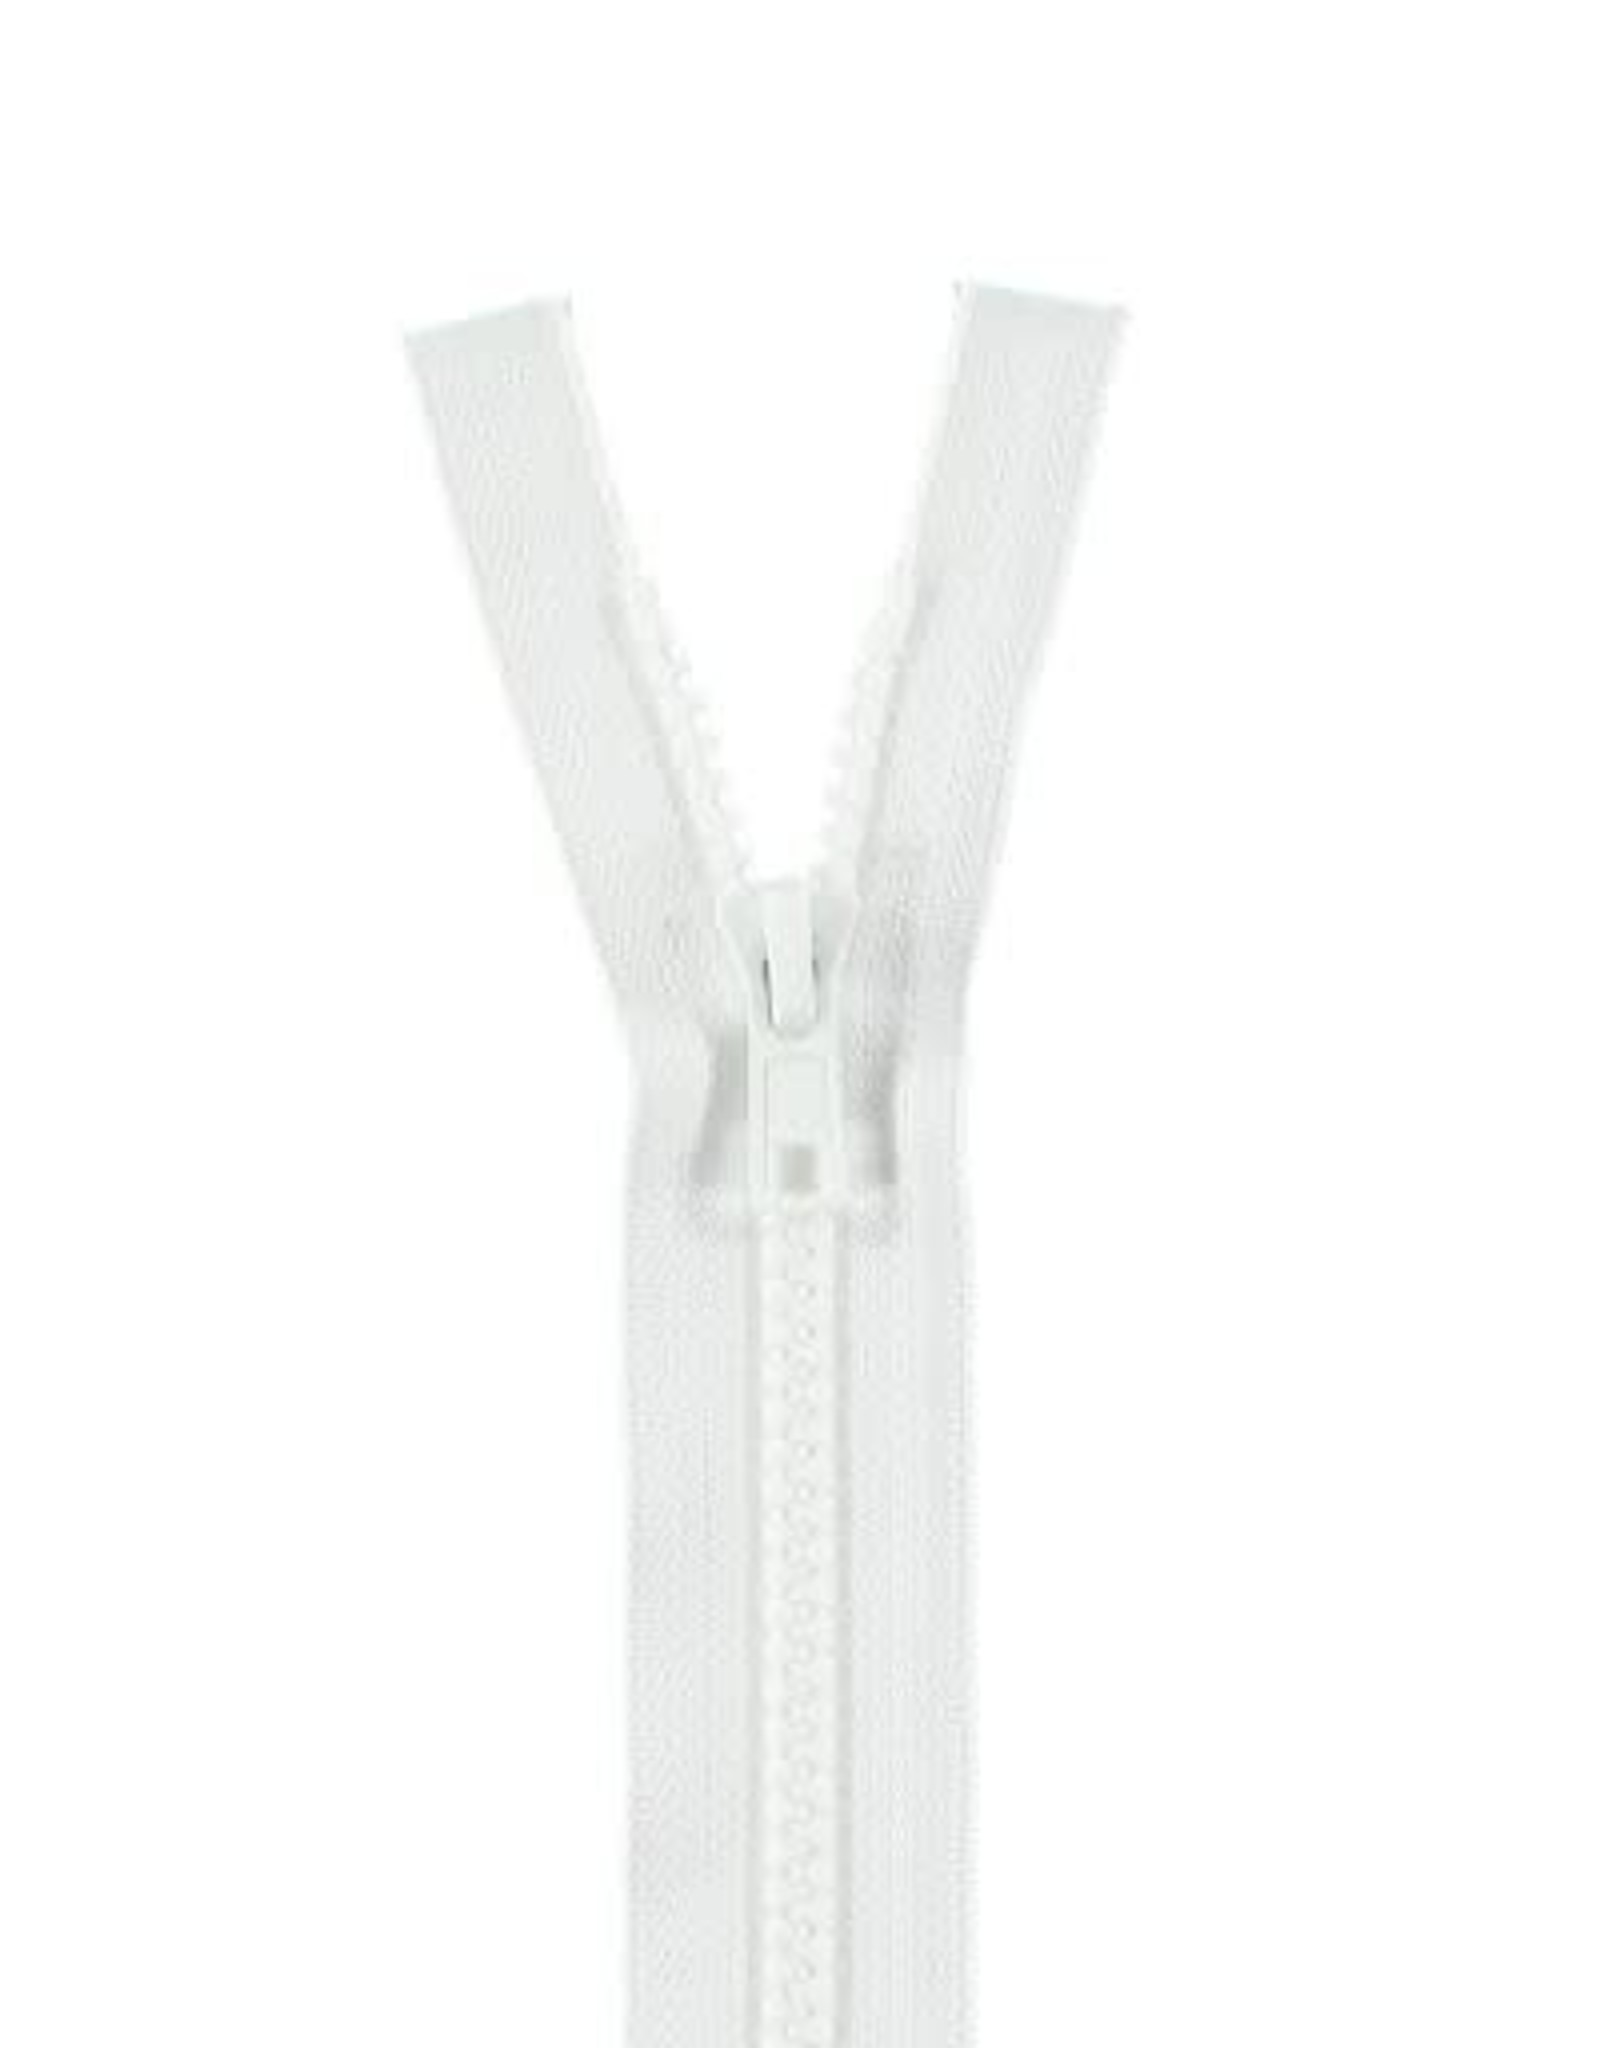 YKK BLOKRITS 5 DEELBAAR wit 501-35cm